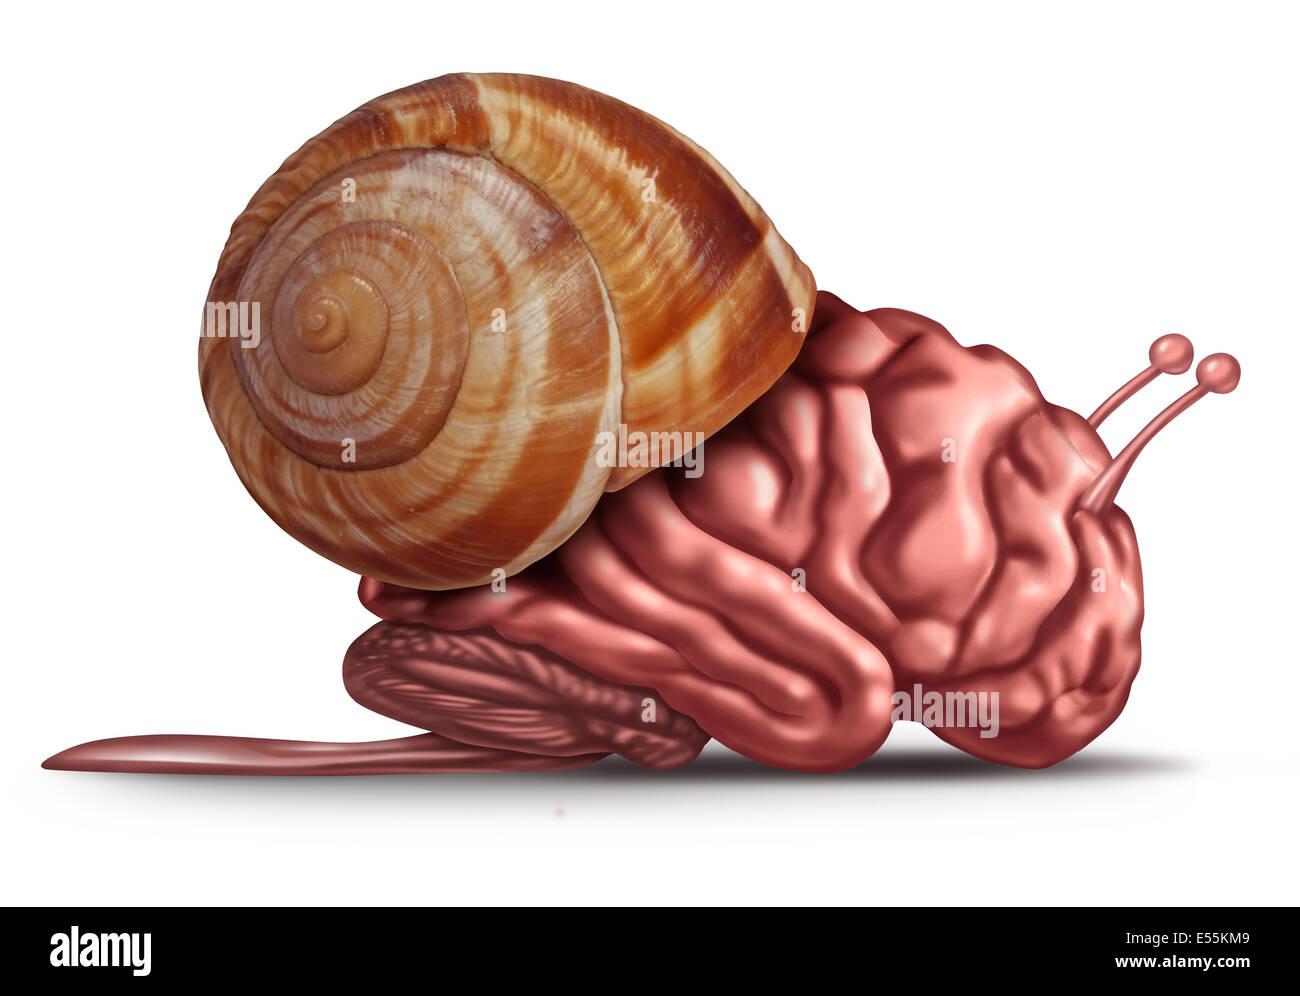 Penser les problèmes de la fonction du cerveau lent et concept comme un organe humain dans une coquille d'escargot Photo Stock